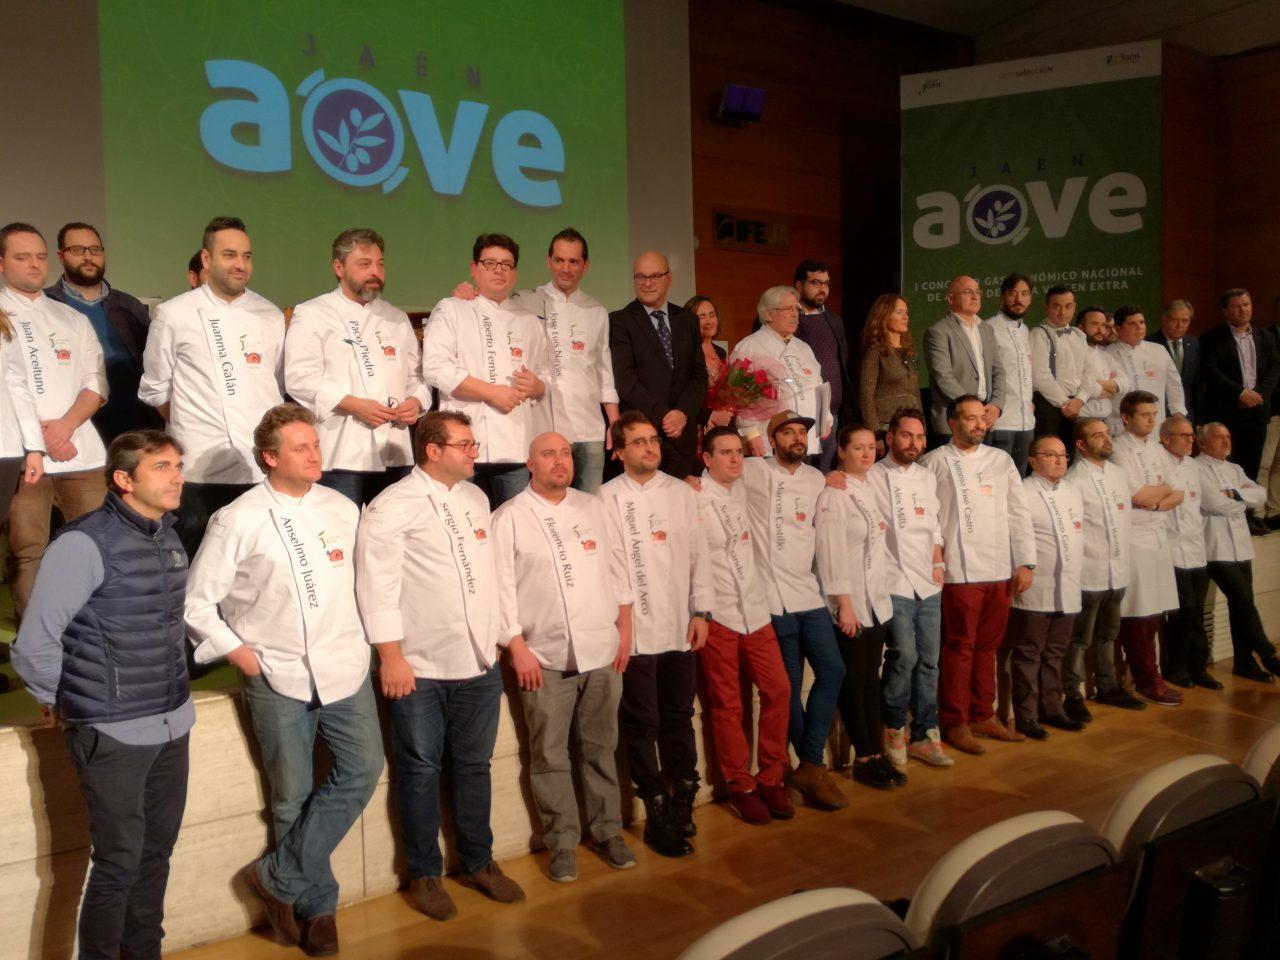 El Congreso Nacional de Gastronomía Jaén AOVE arranca con un reconocimiento al cocinero Salvador Gallego